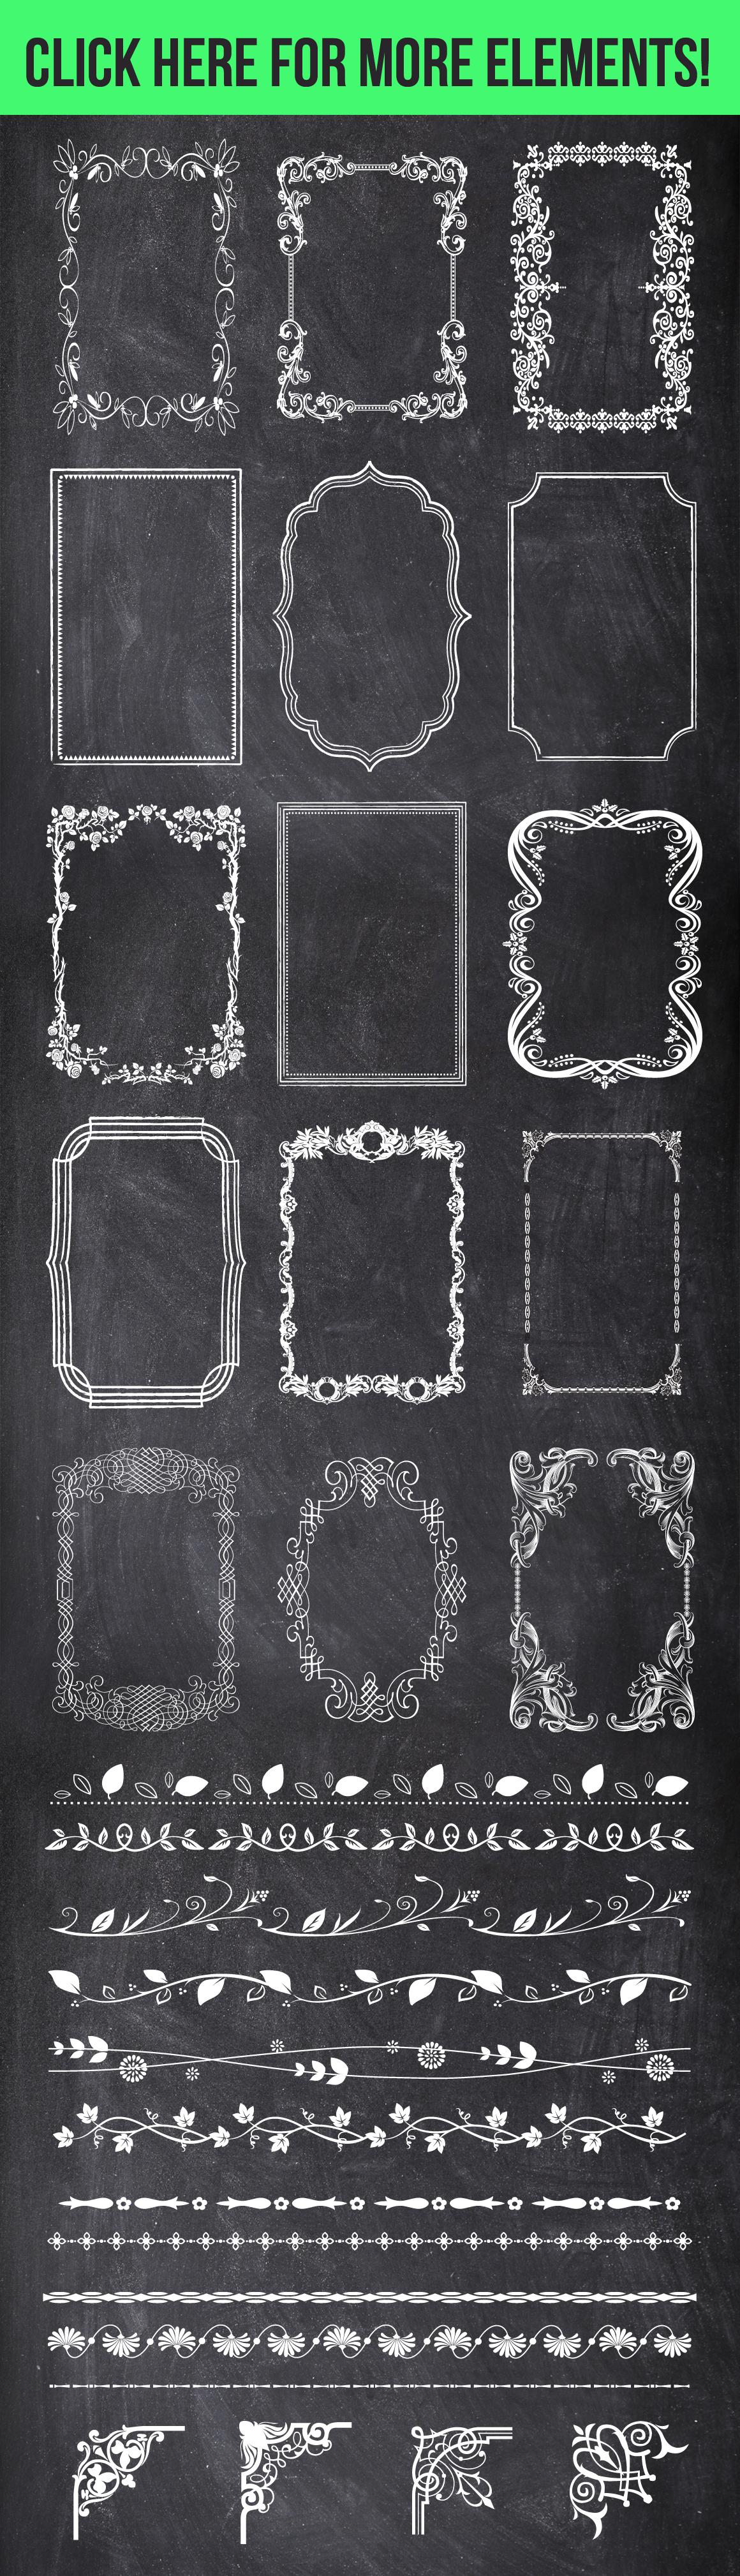 100 Chalk Elements Mega Bundle example image 3